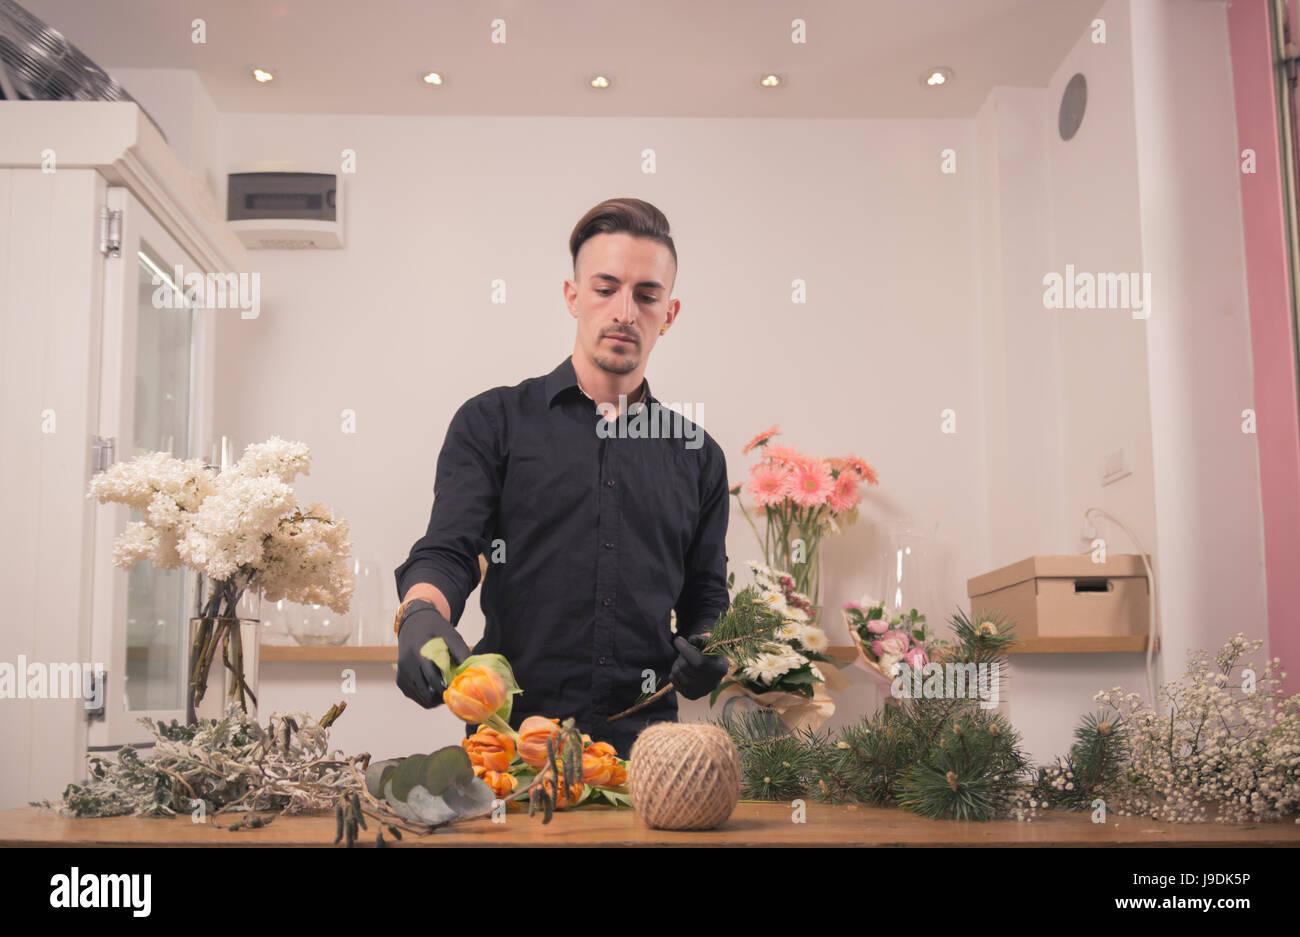 Un joven adulto hombre, floristería, picking eligiendo arreglar las flores, tienda de flores en interiores Imagen De Stock